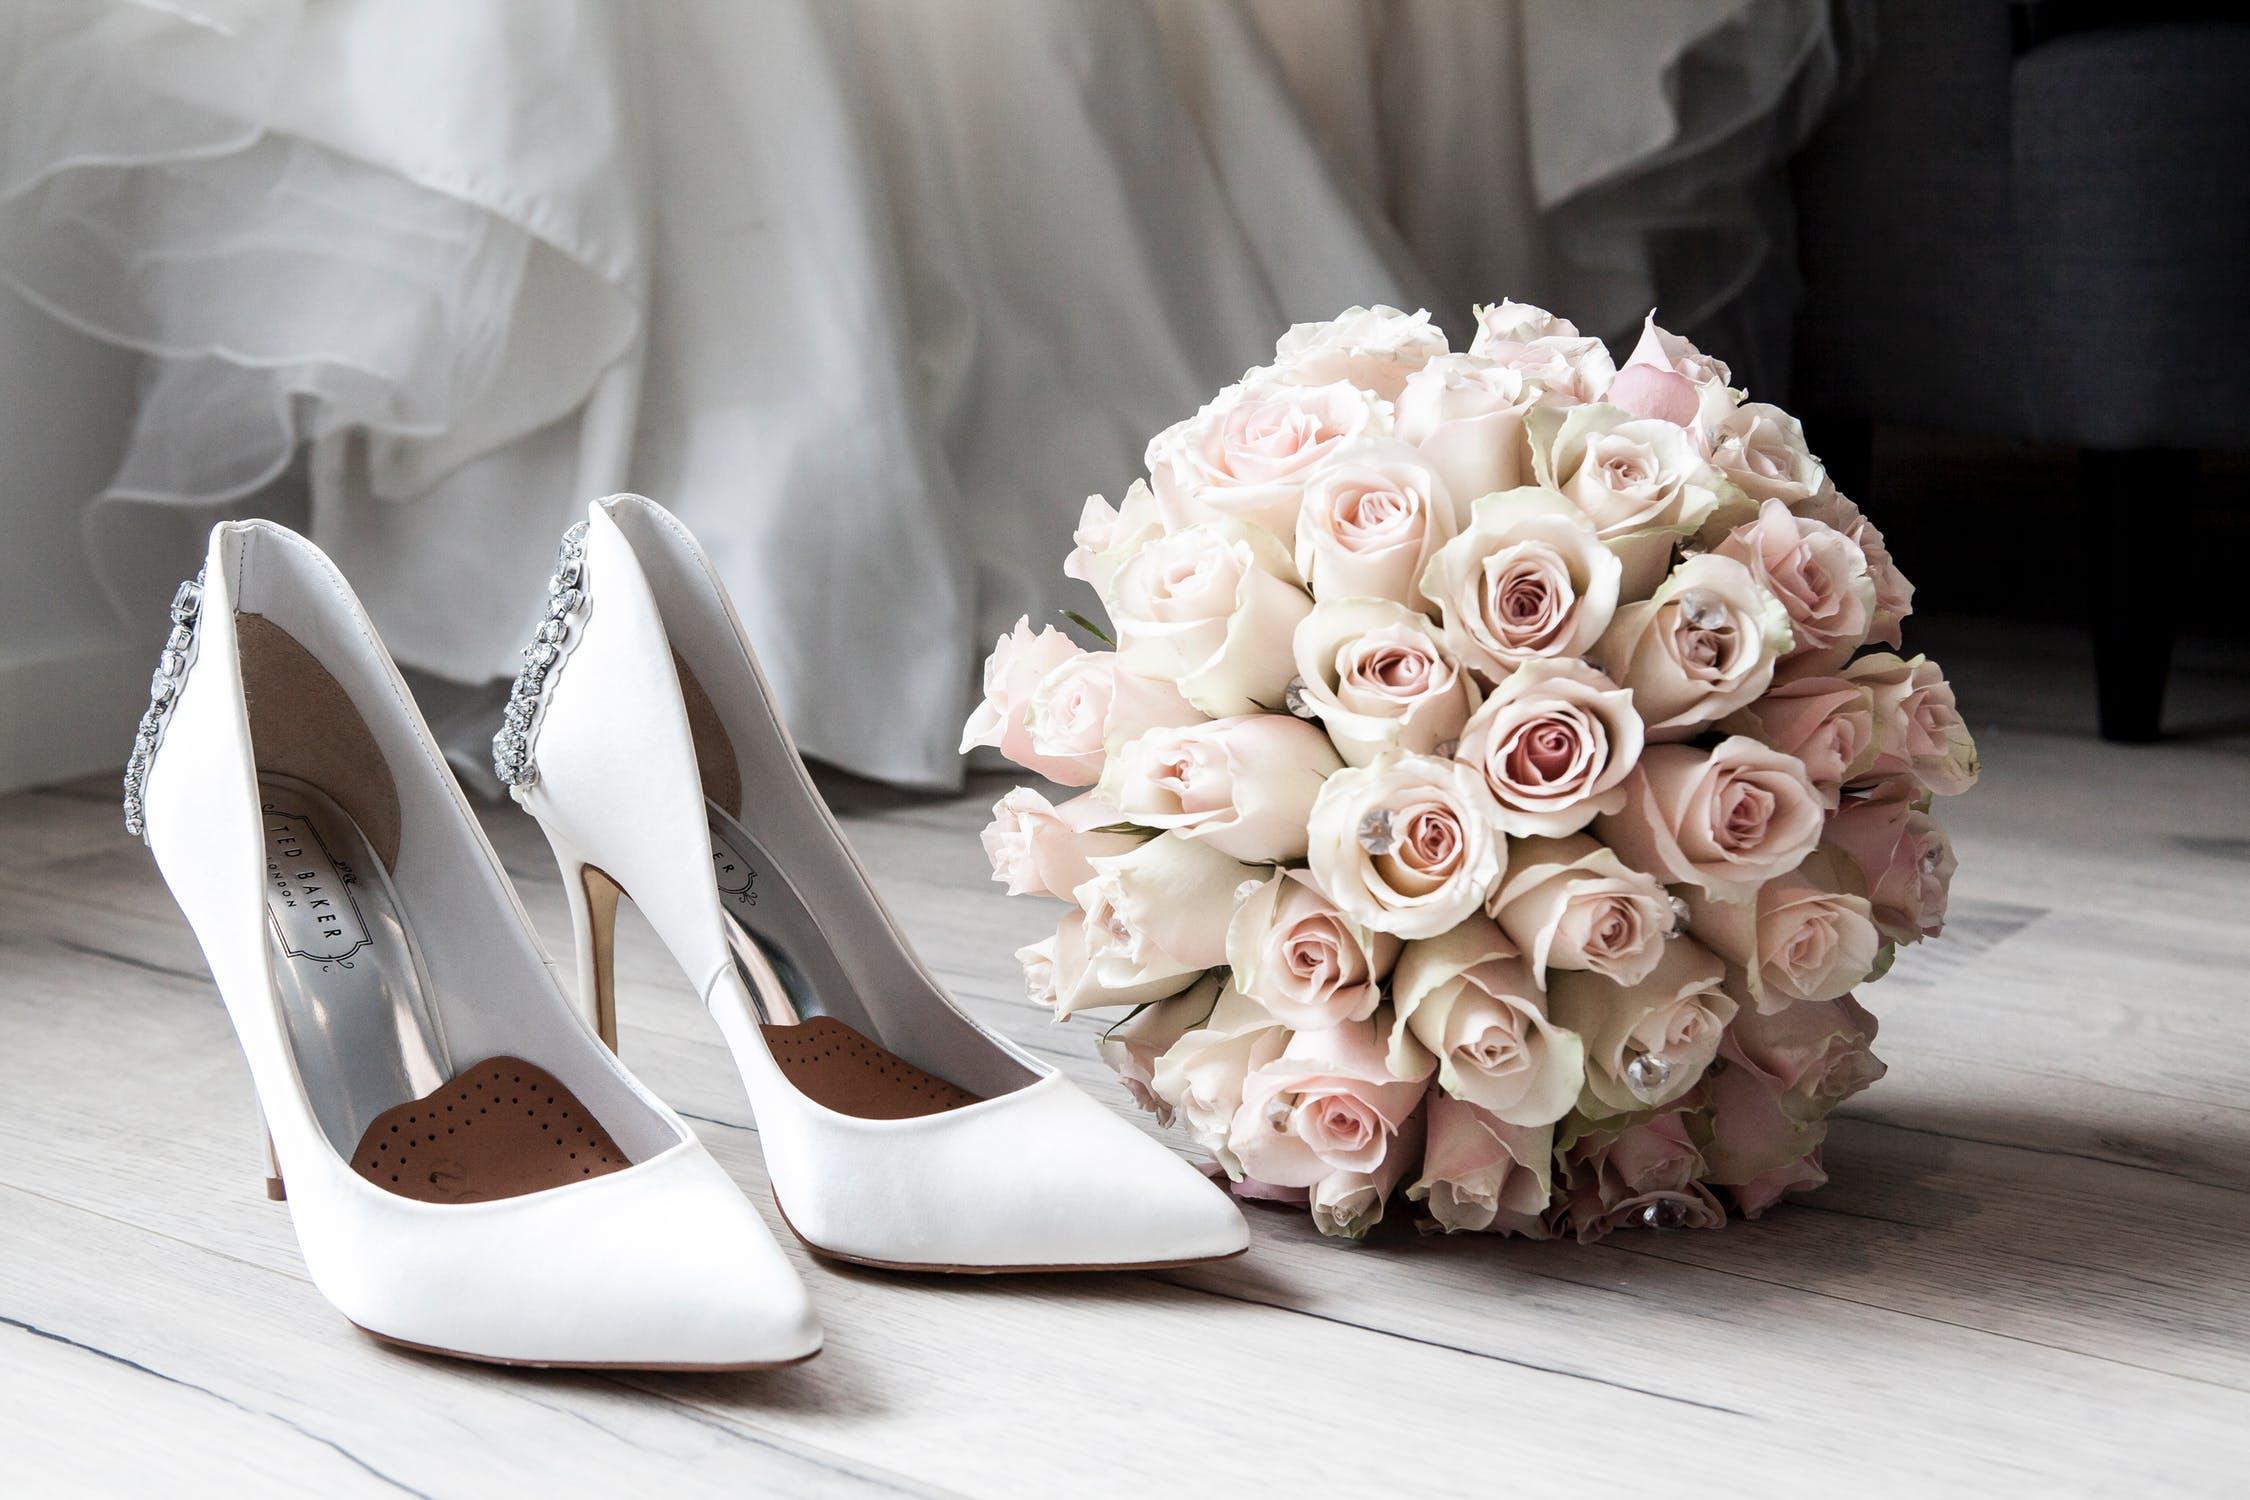 meniu nunta ieftin Bucuresti